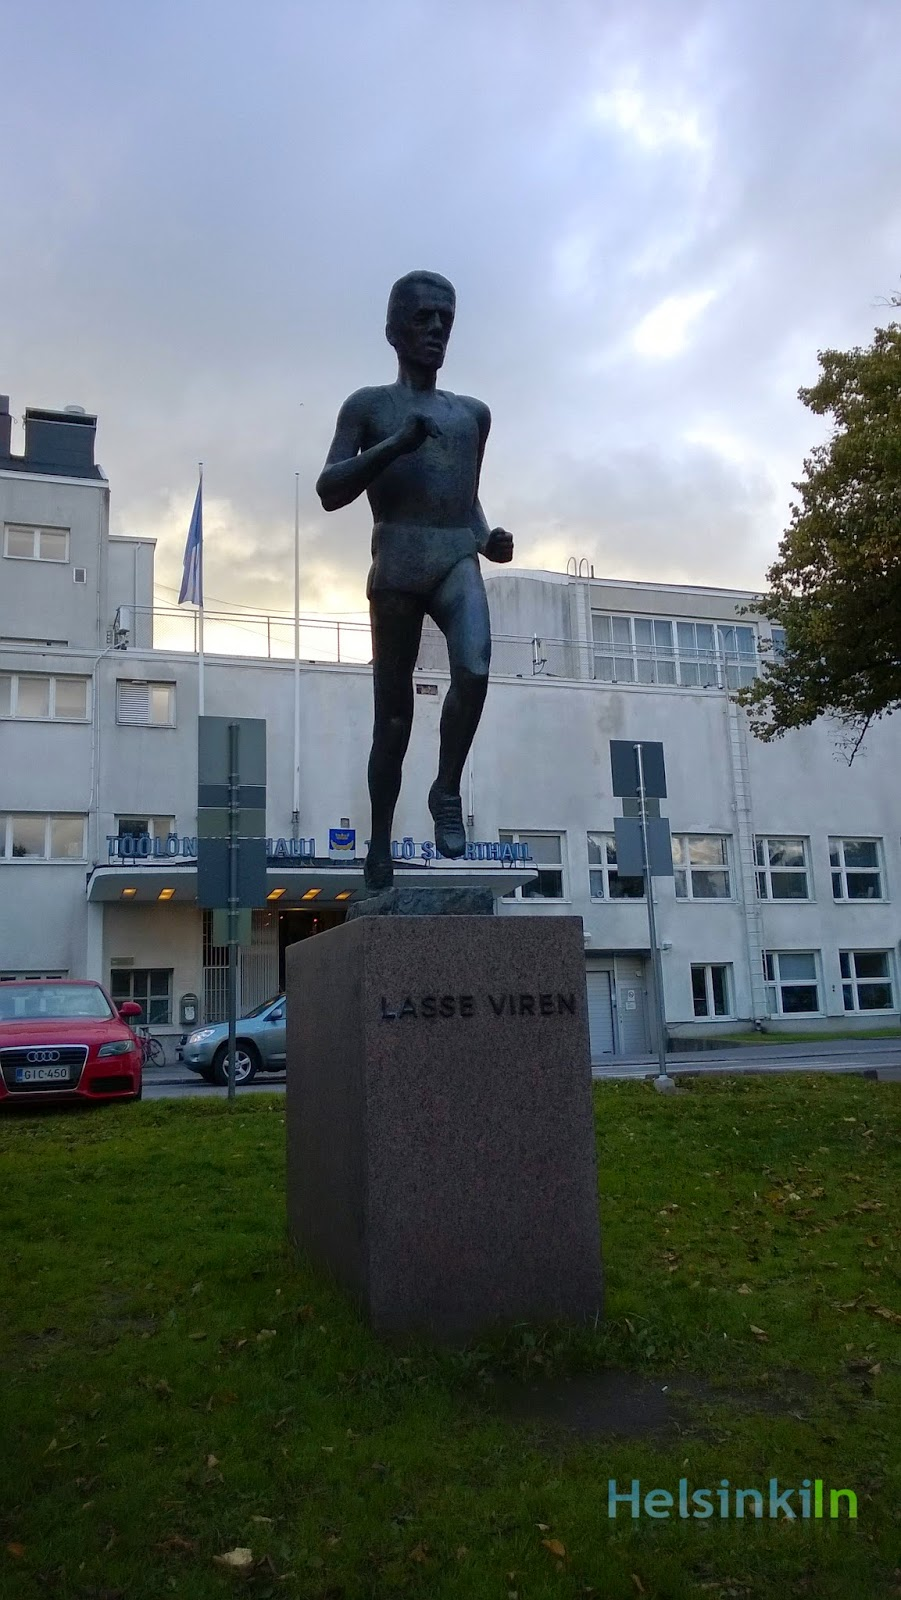 Lasse Virén statue